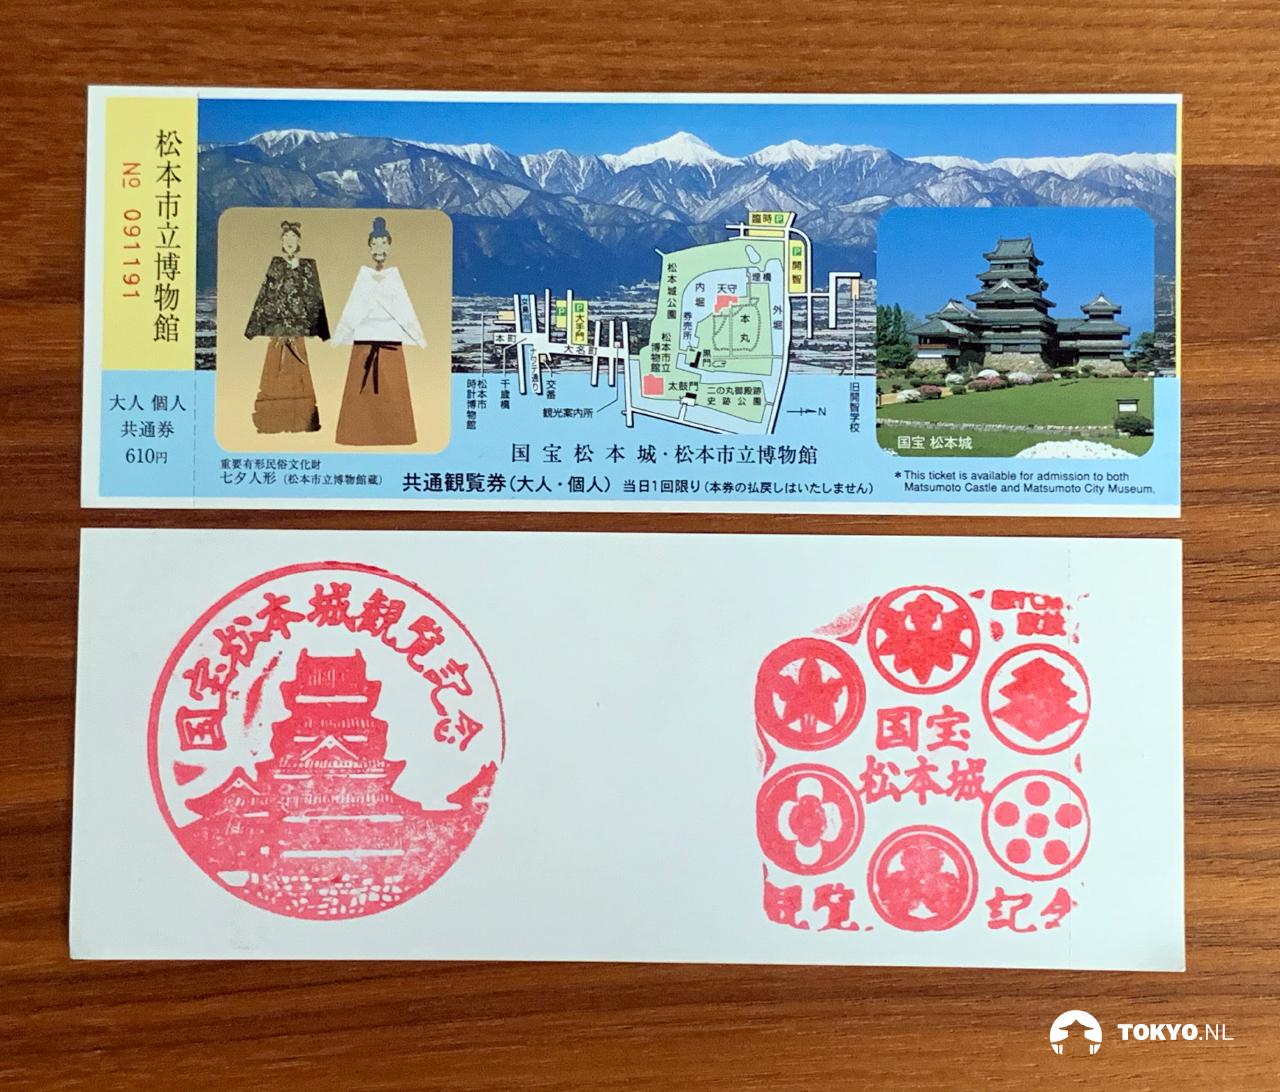 Tickets Matsumoto Castle